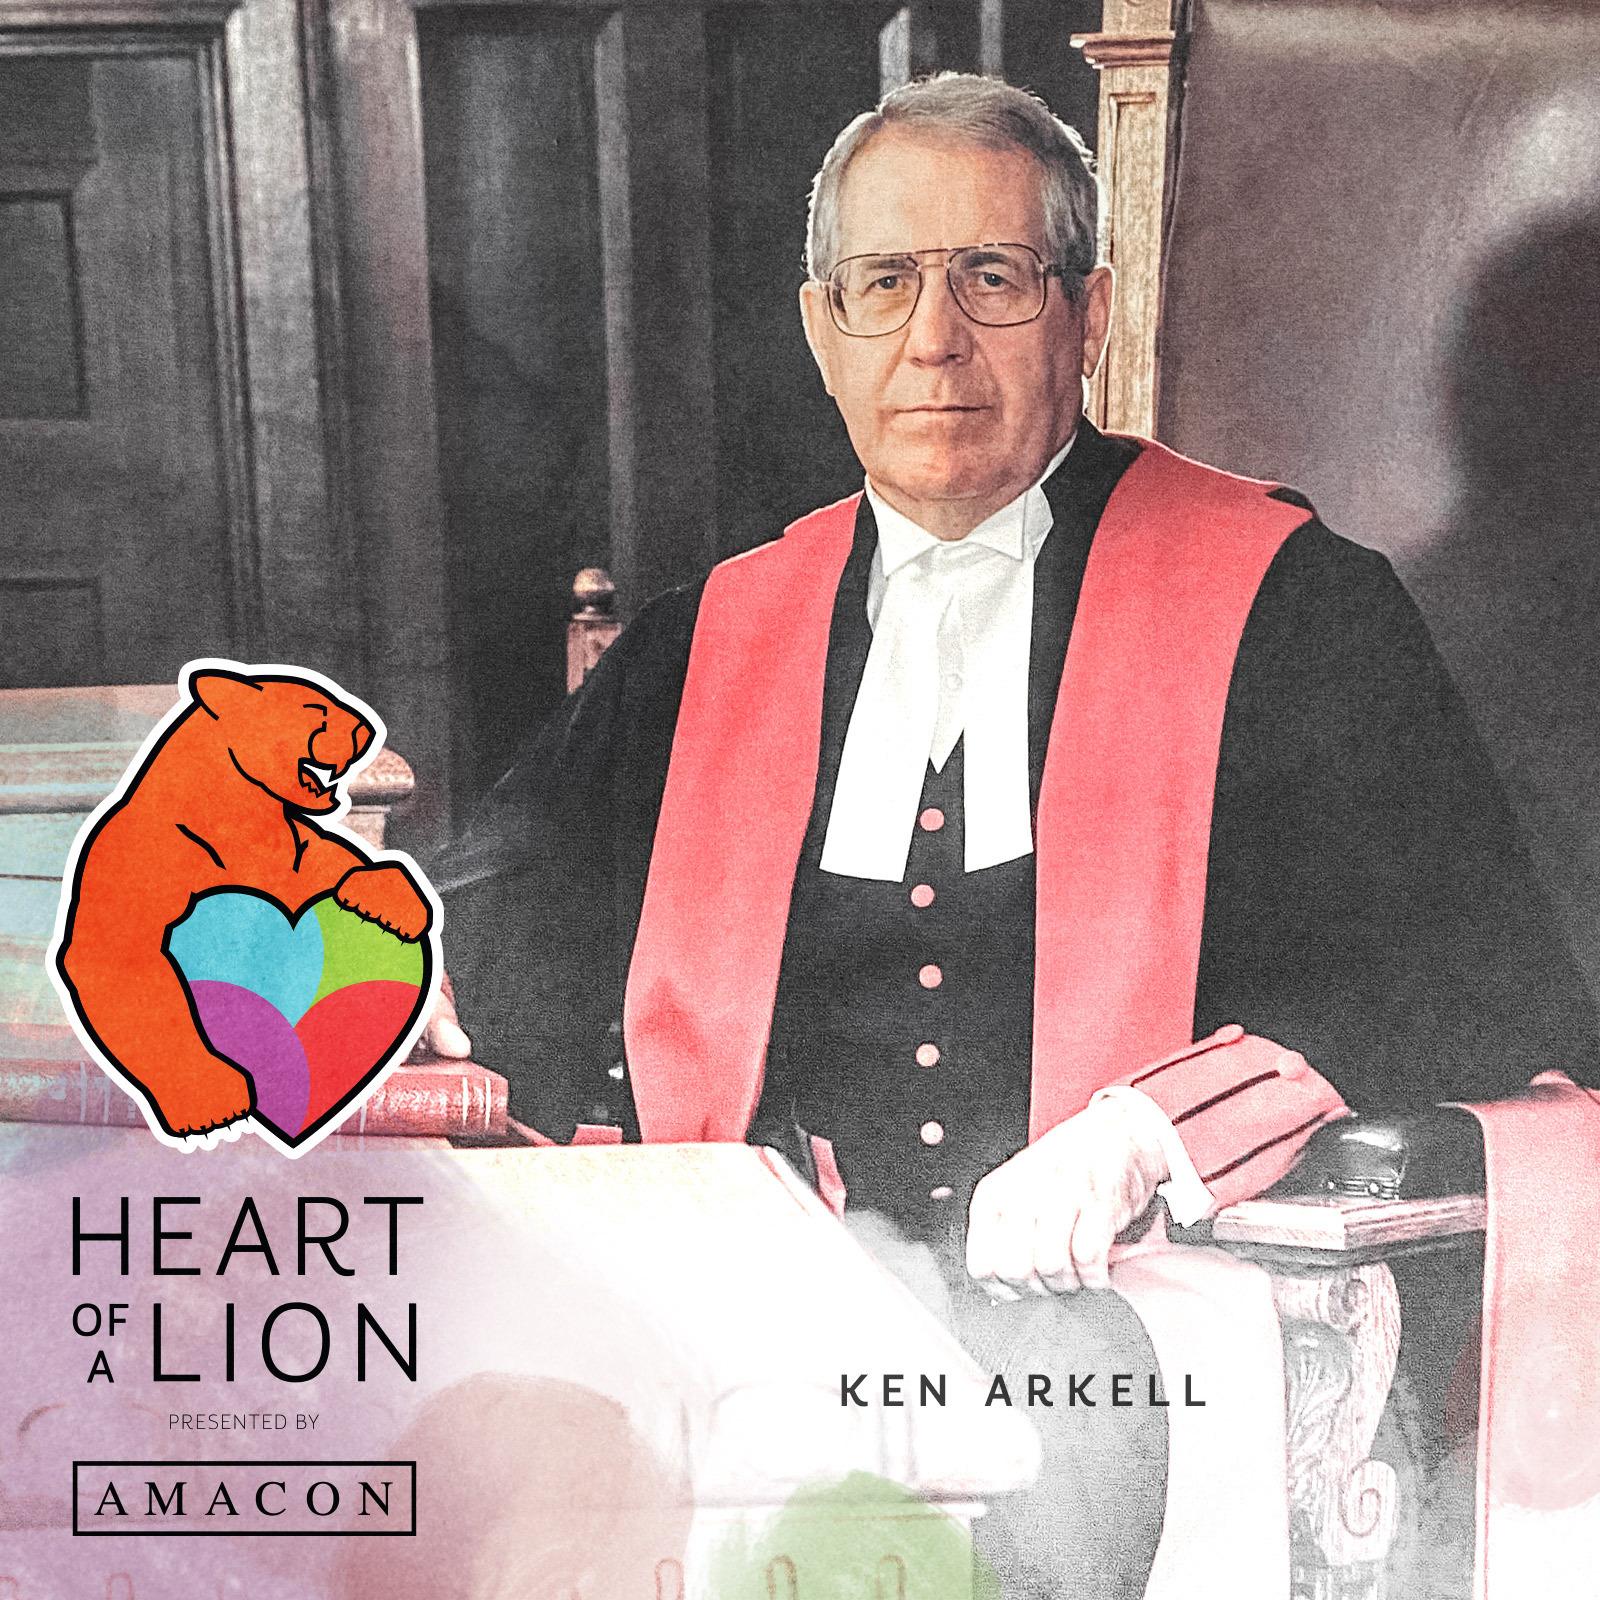 Ken Arkell - Heart of a Lion Heroes Award Recipient